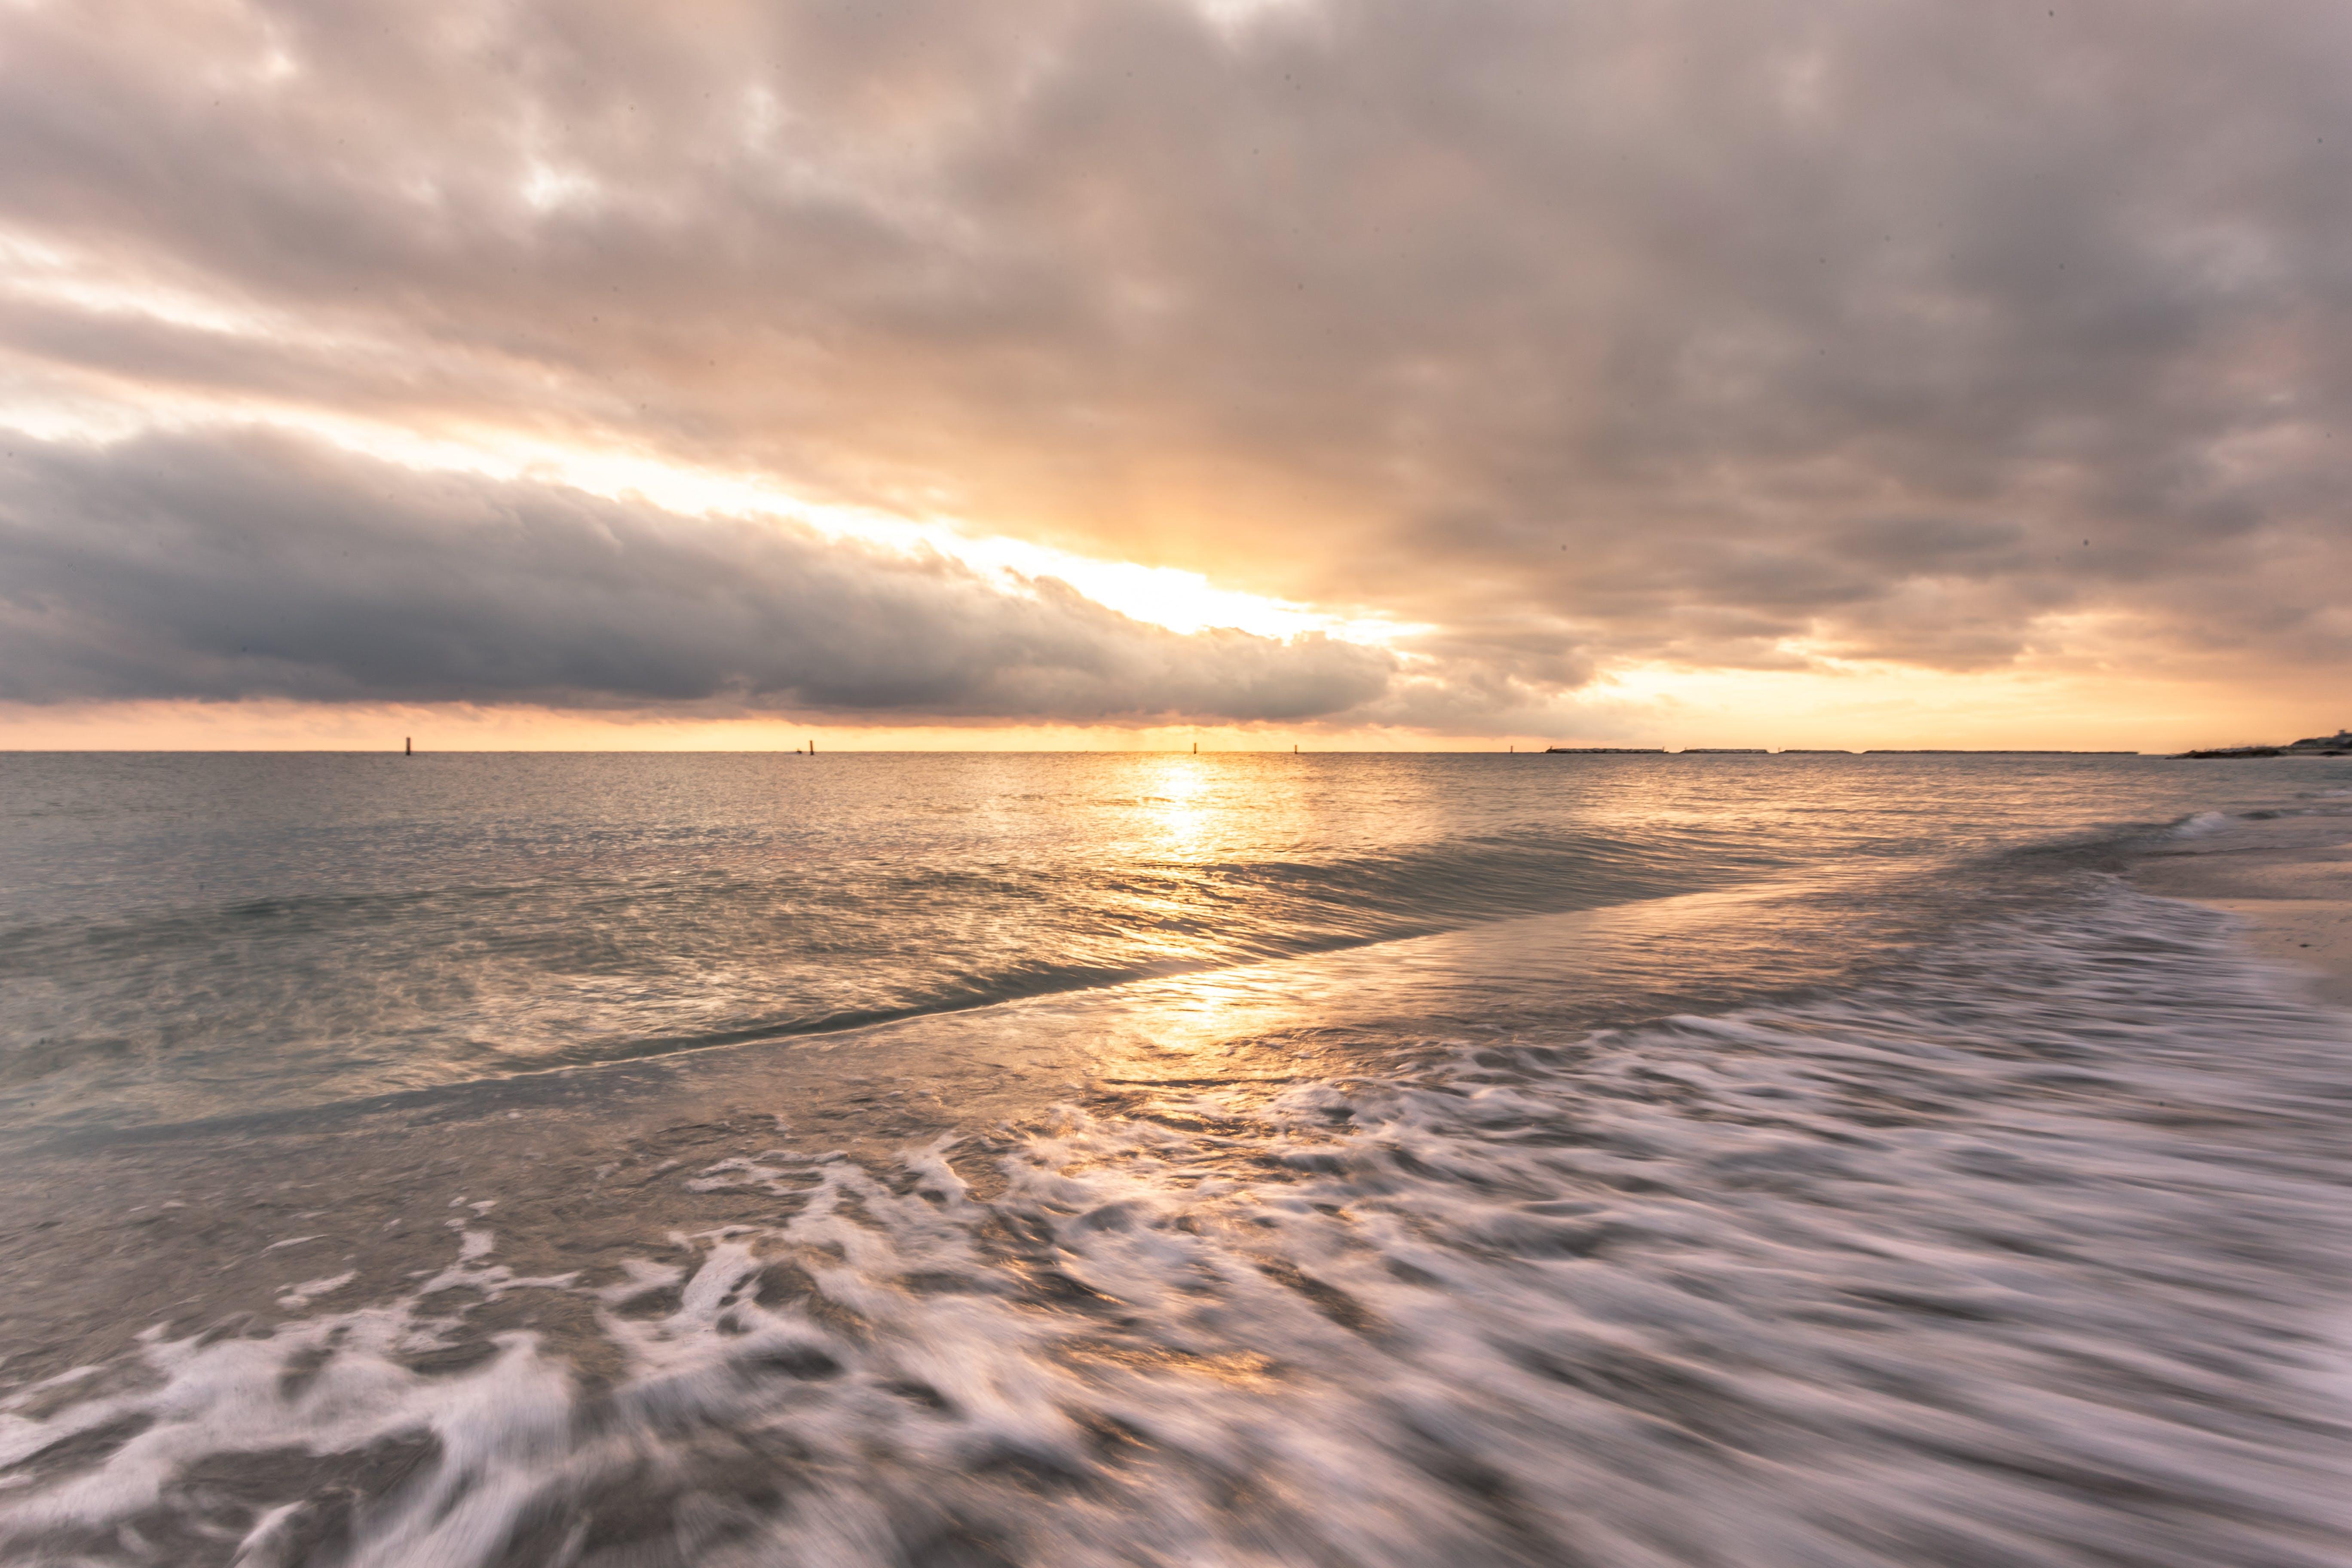 aften, bølger, gylden time